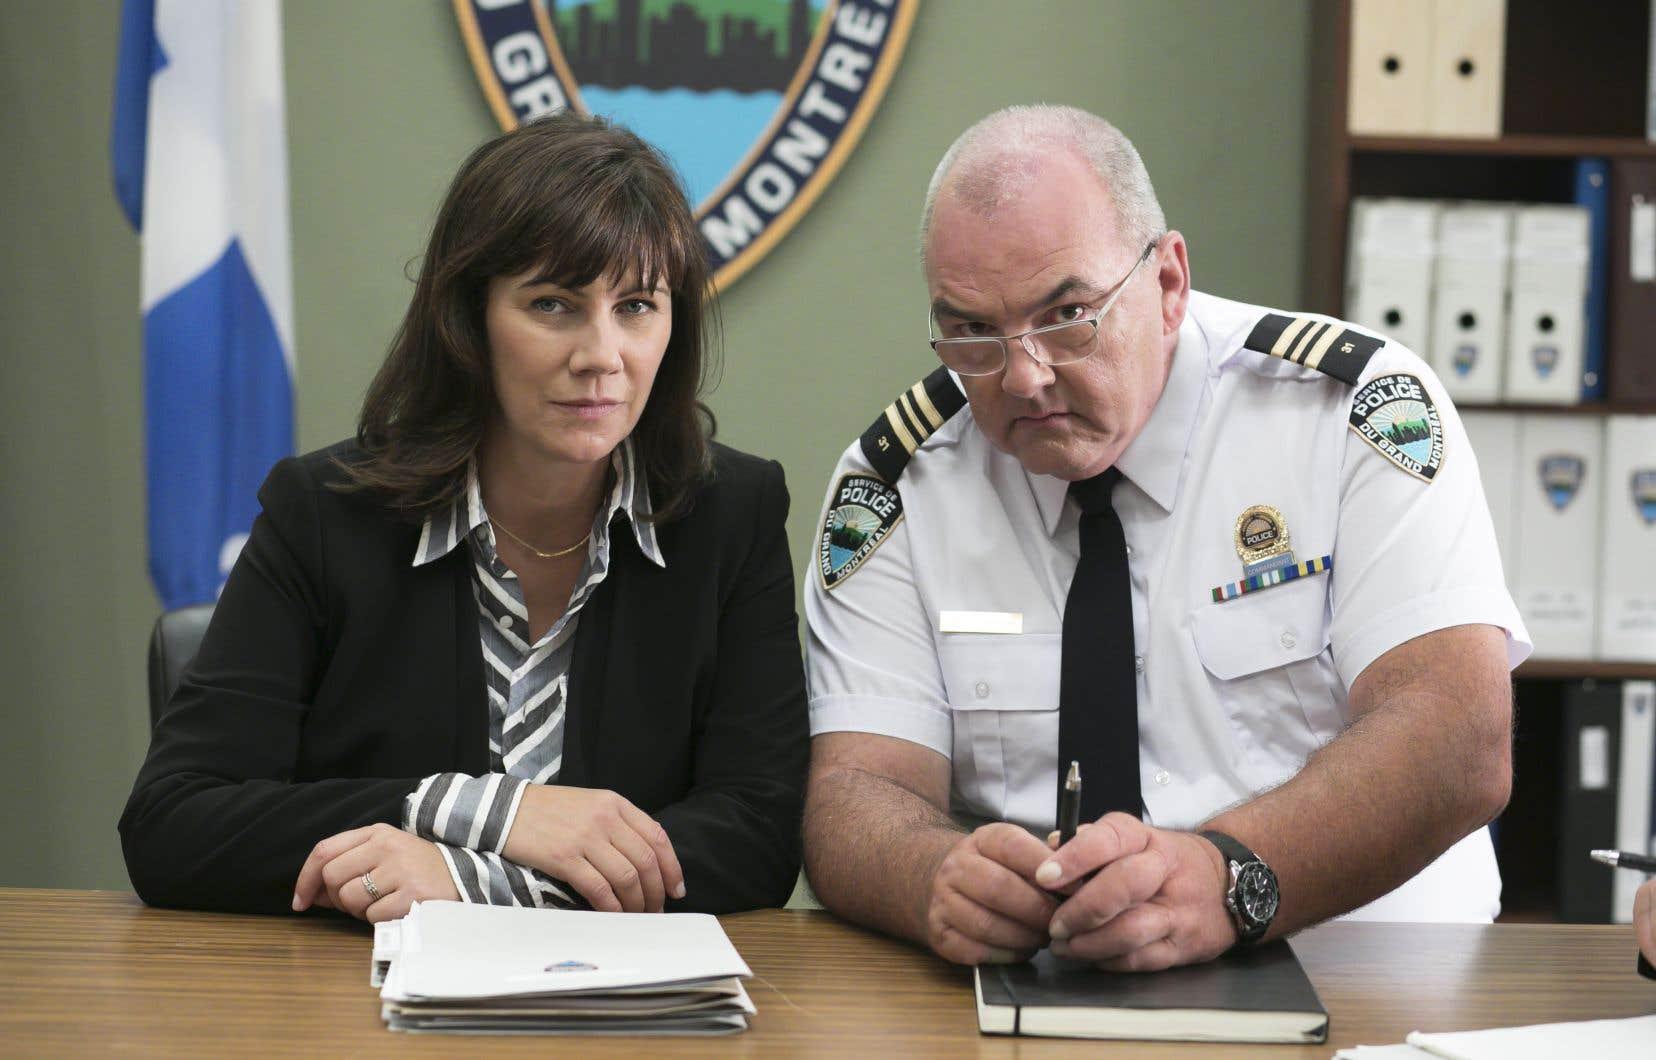 «On ne peut exiger d'une émission dramatique, et encore moins de personnages de fiction, d'aborder de tels sujets en explorant toutes leurs nuances», a fait valoir Radio-Canada en réaction aux critiques portées contre «District 31».